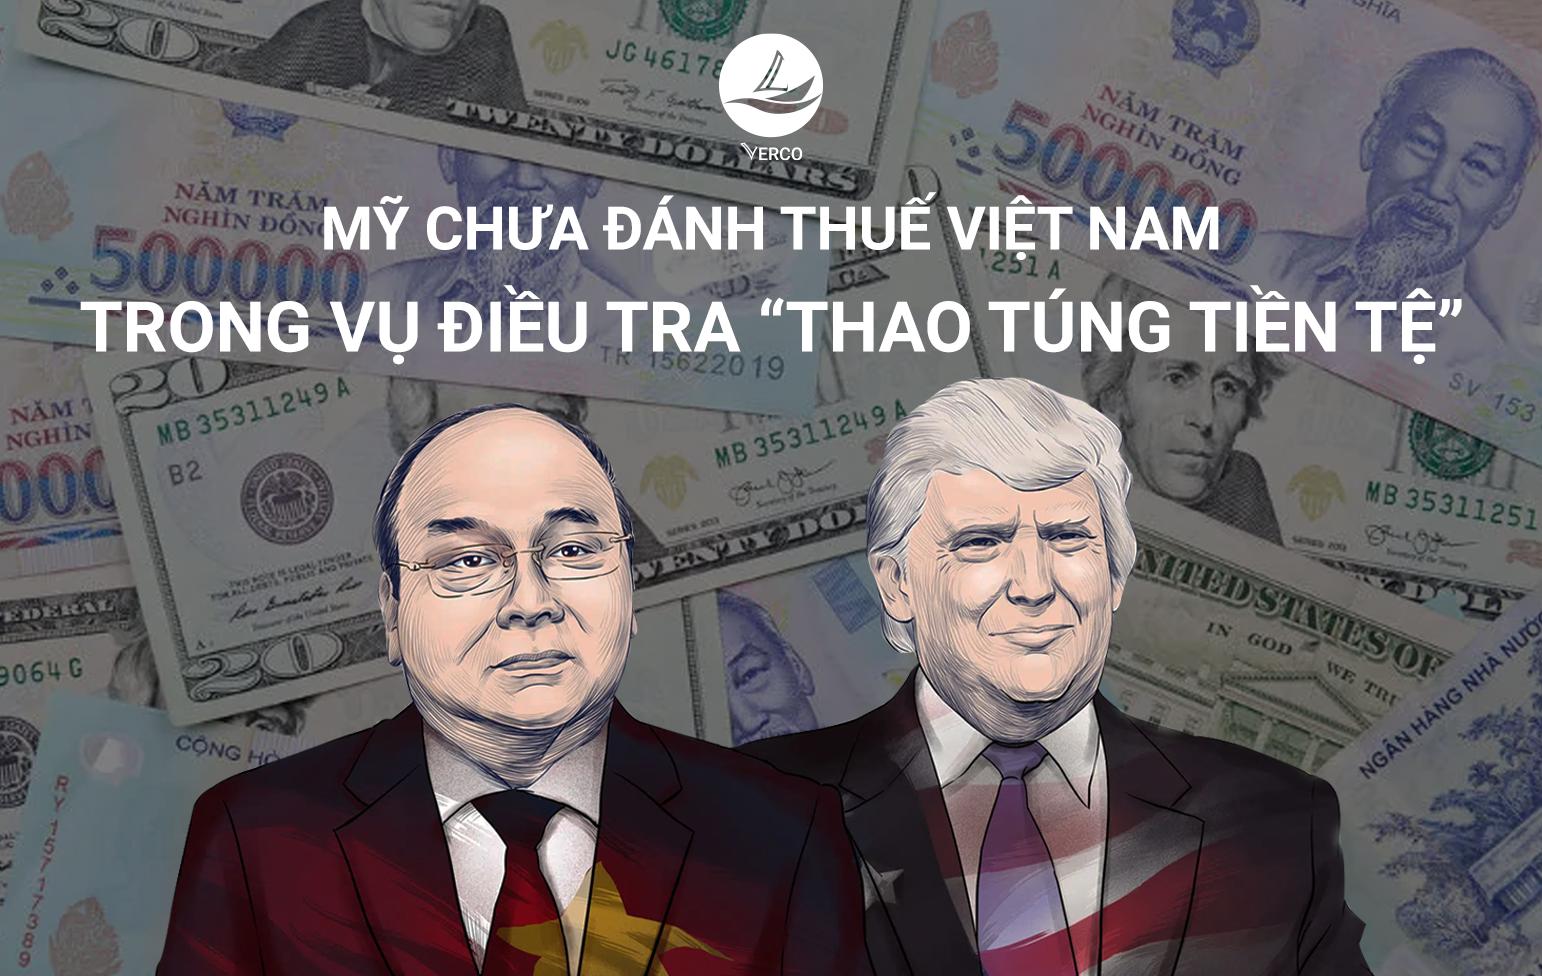 """Mỹ chưa đánh thuế Việt Nam trong vụ điều tra """"thao túng tiền tệ"""""""